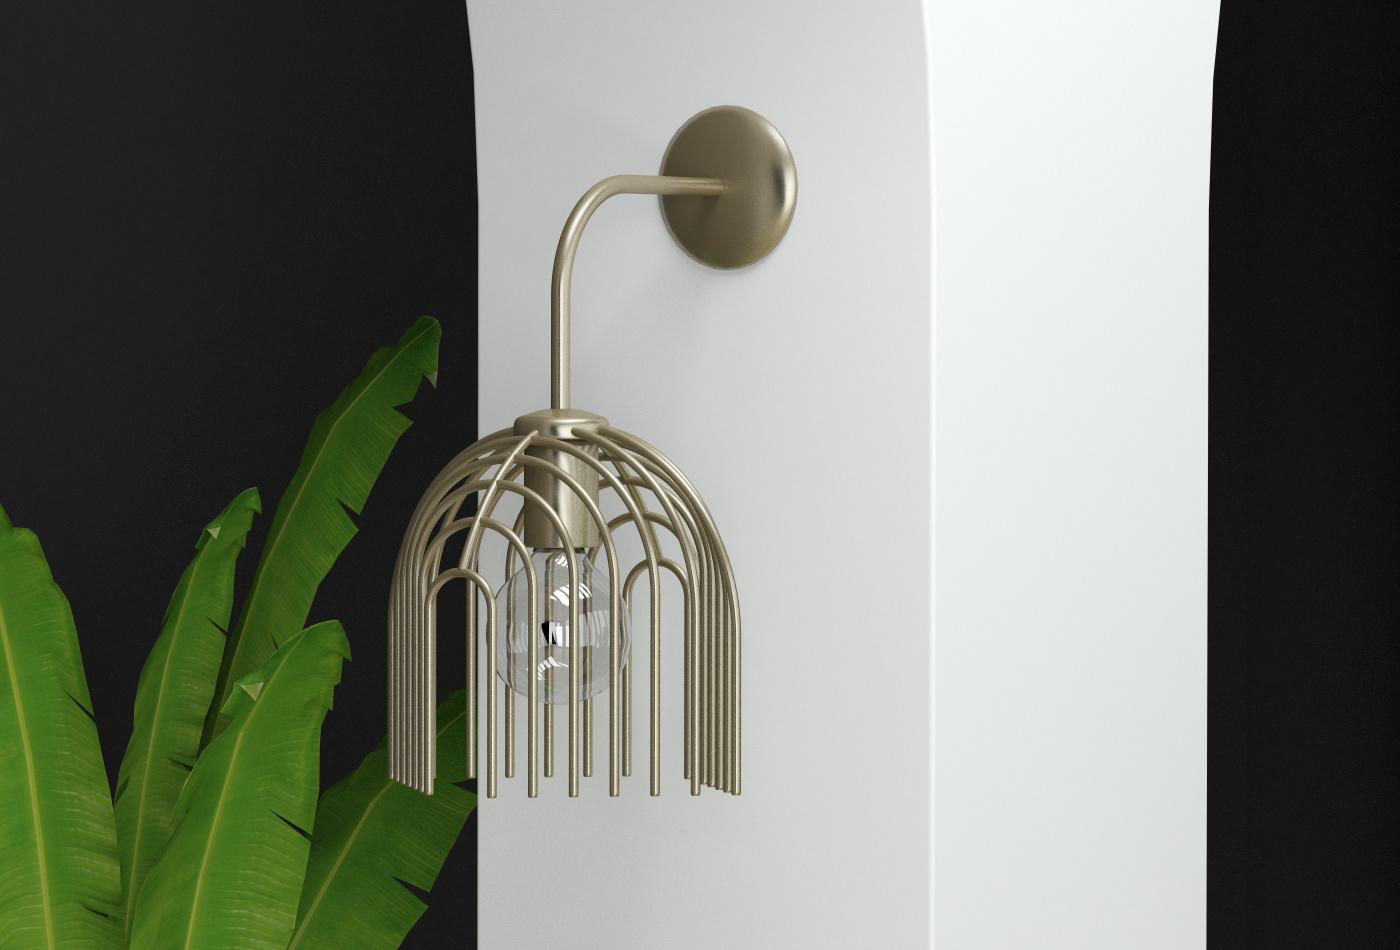 santa barbara KononenkoID julia kononenko light Lamp lighting product usa pendant metal